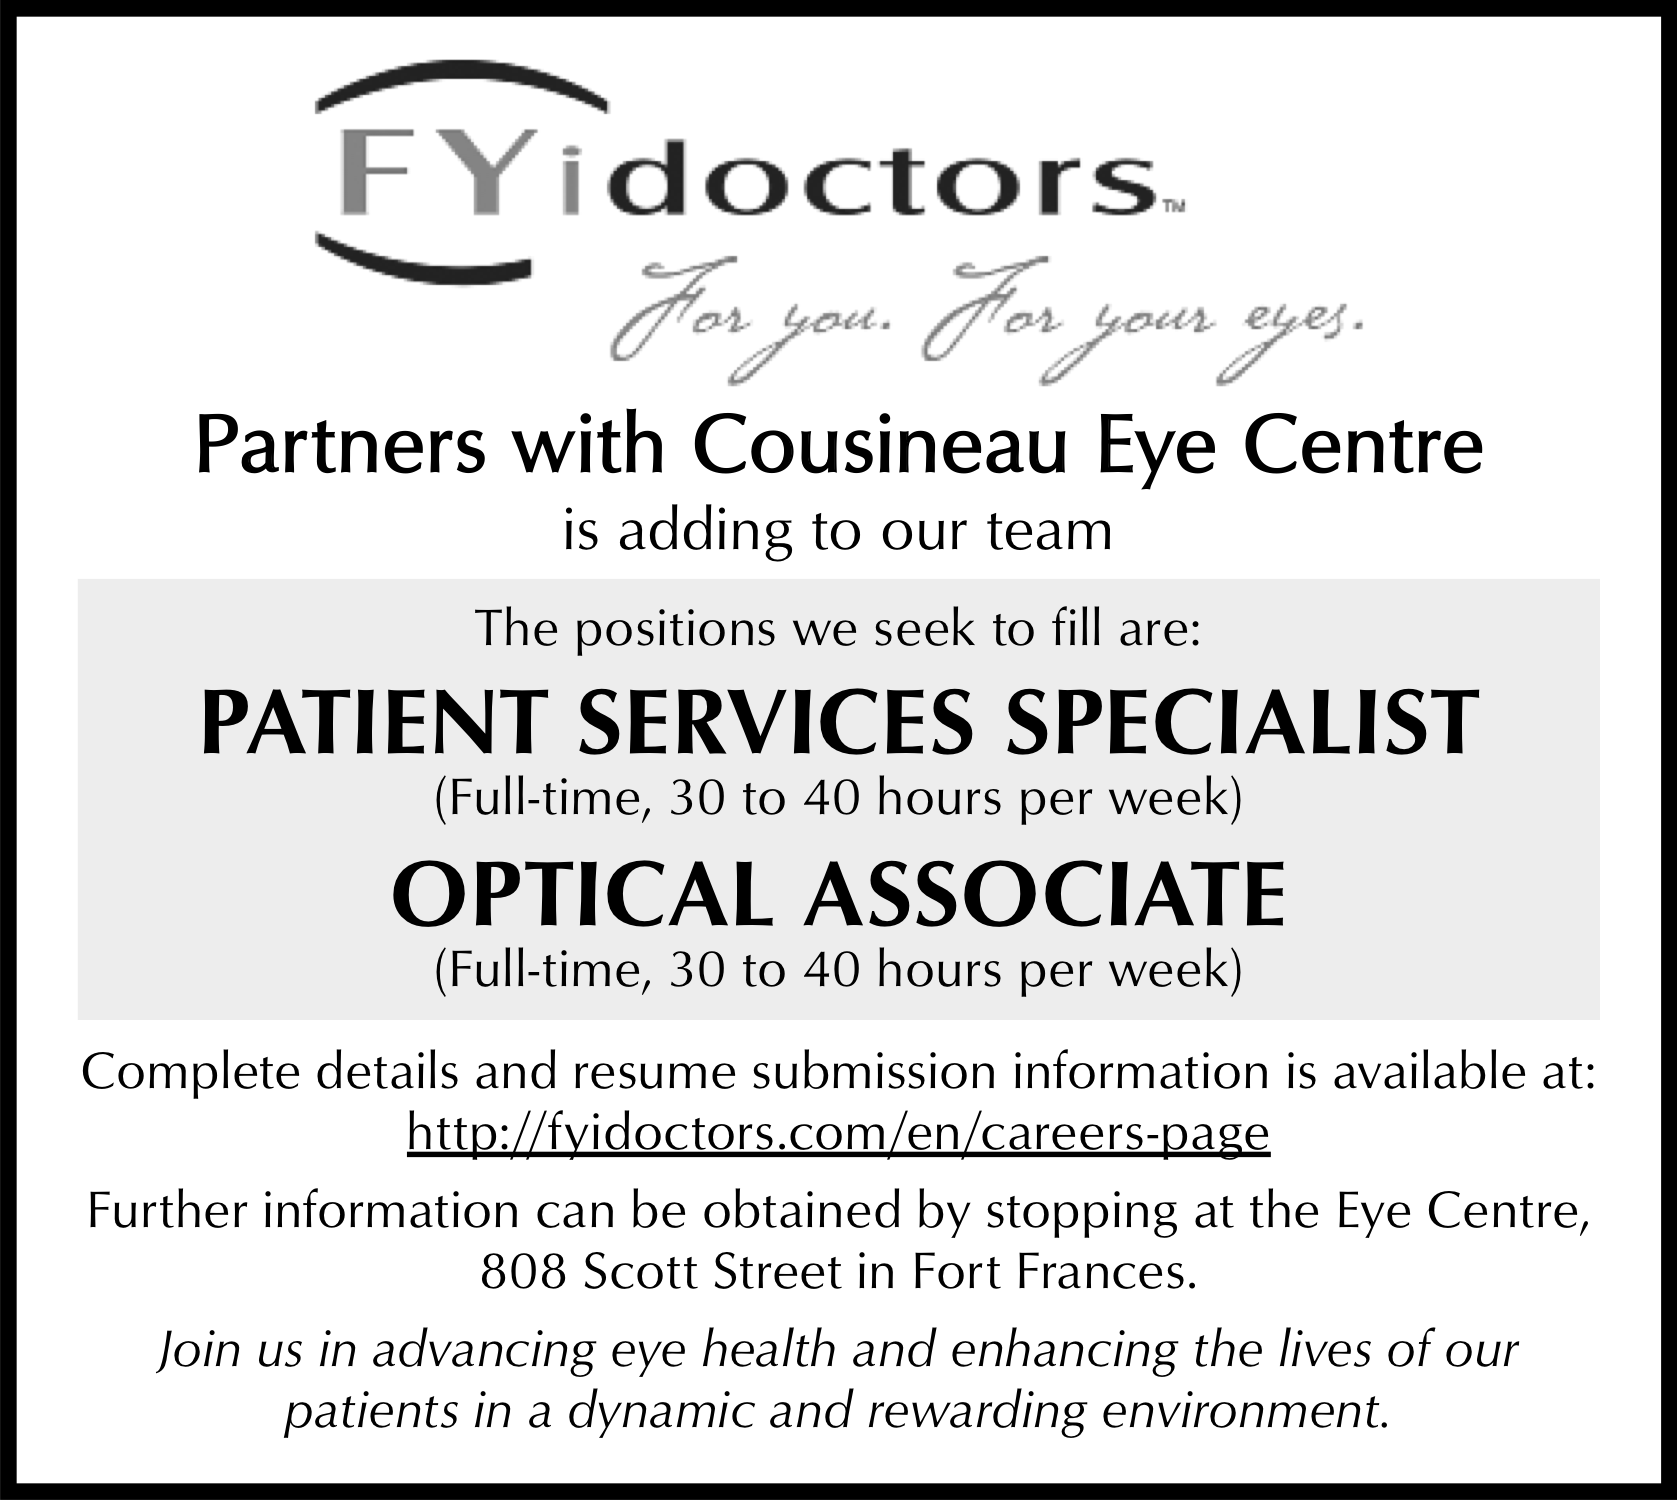 Patient Services Specialist, Optical Associate